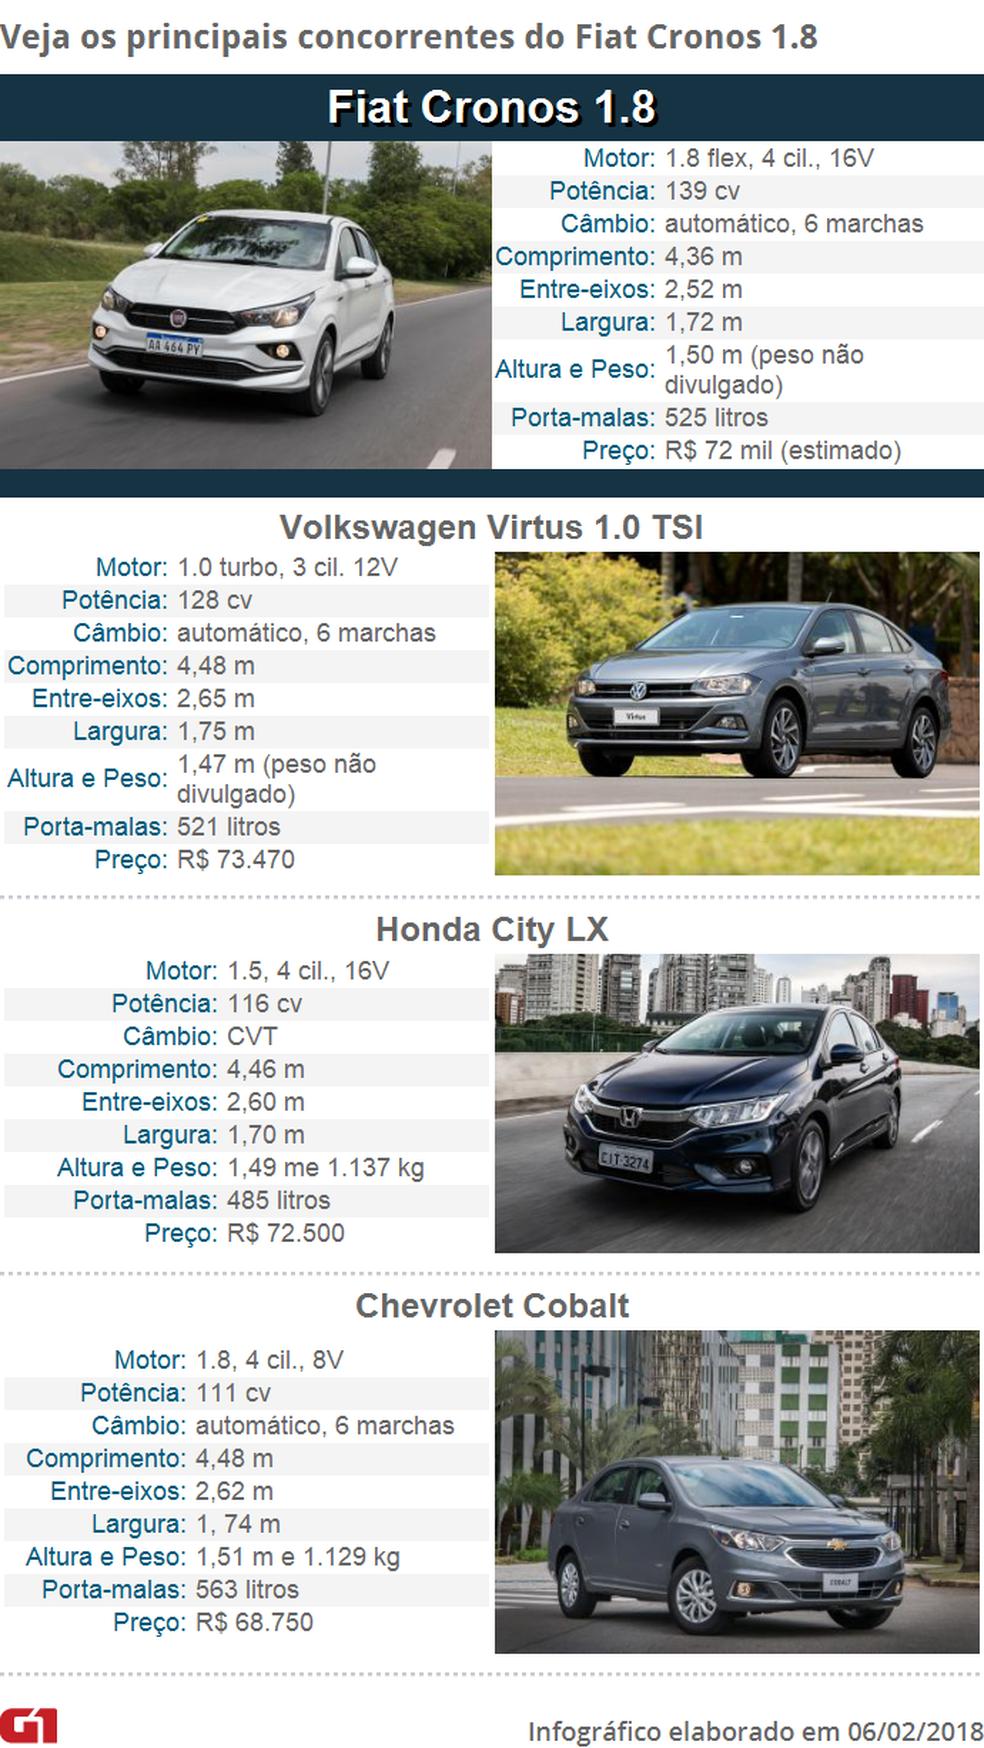 Fiat Cronos 1.8 e seus concorrentes (Foto: Arte/G1)